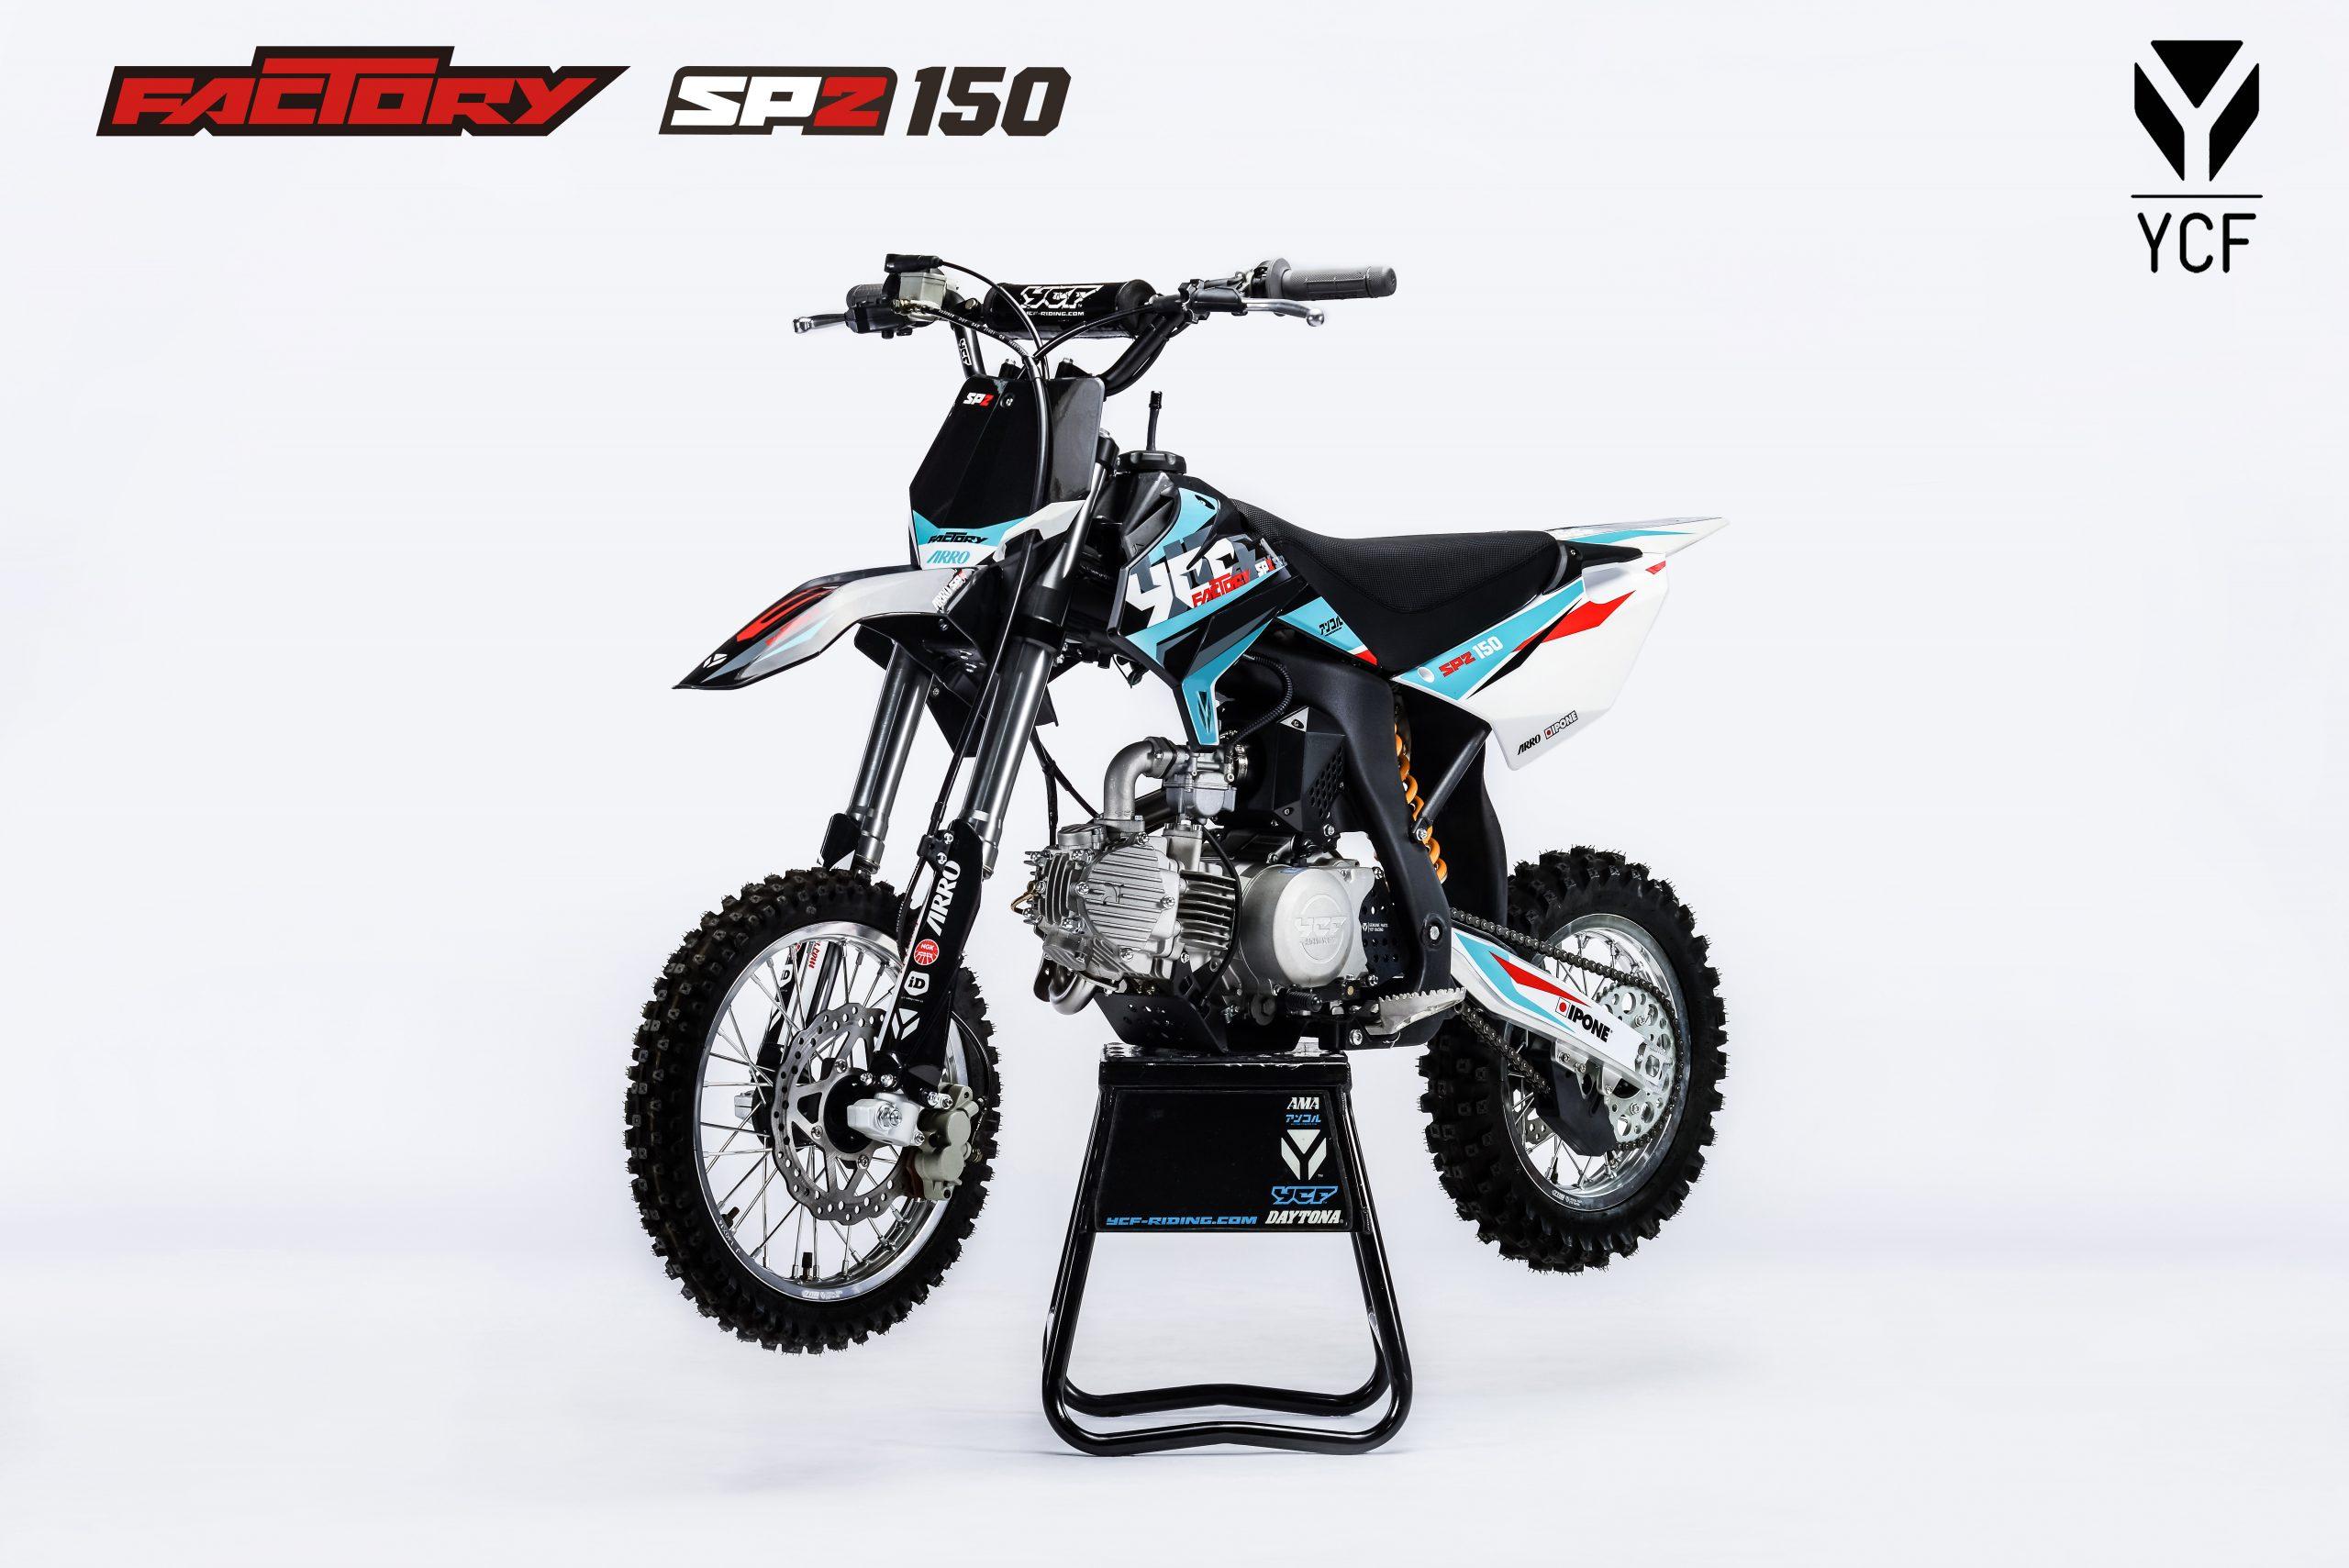 ПИТБАЙК YCF FACTORY SP 2 2021  Артмото - купить квадроцикл в украине и харькове, мотоцикл, снегоход, скутер, мопед, электромобиль